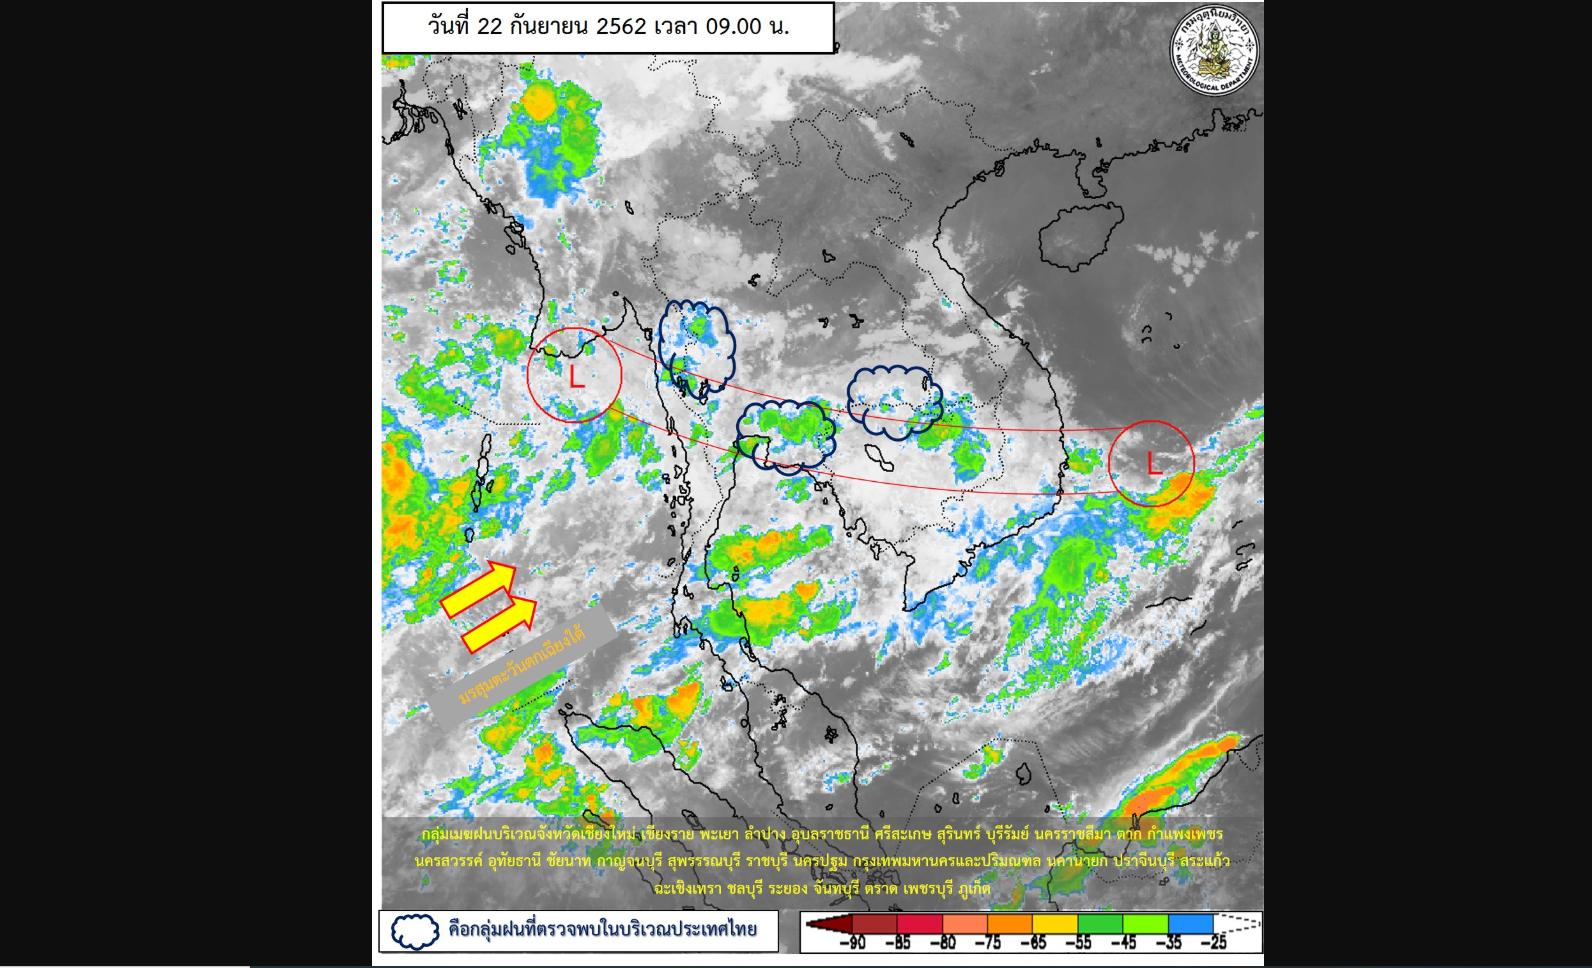 อุตุฯ เตือน ไทยฝนยังตกหนัก - พรุ่งนี้อุณหภูมิลดยาวถึง 26 ก.ย.